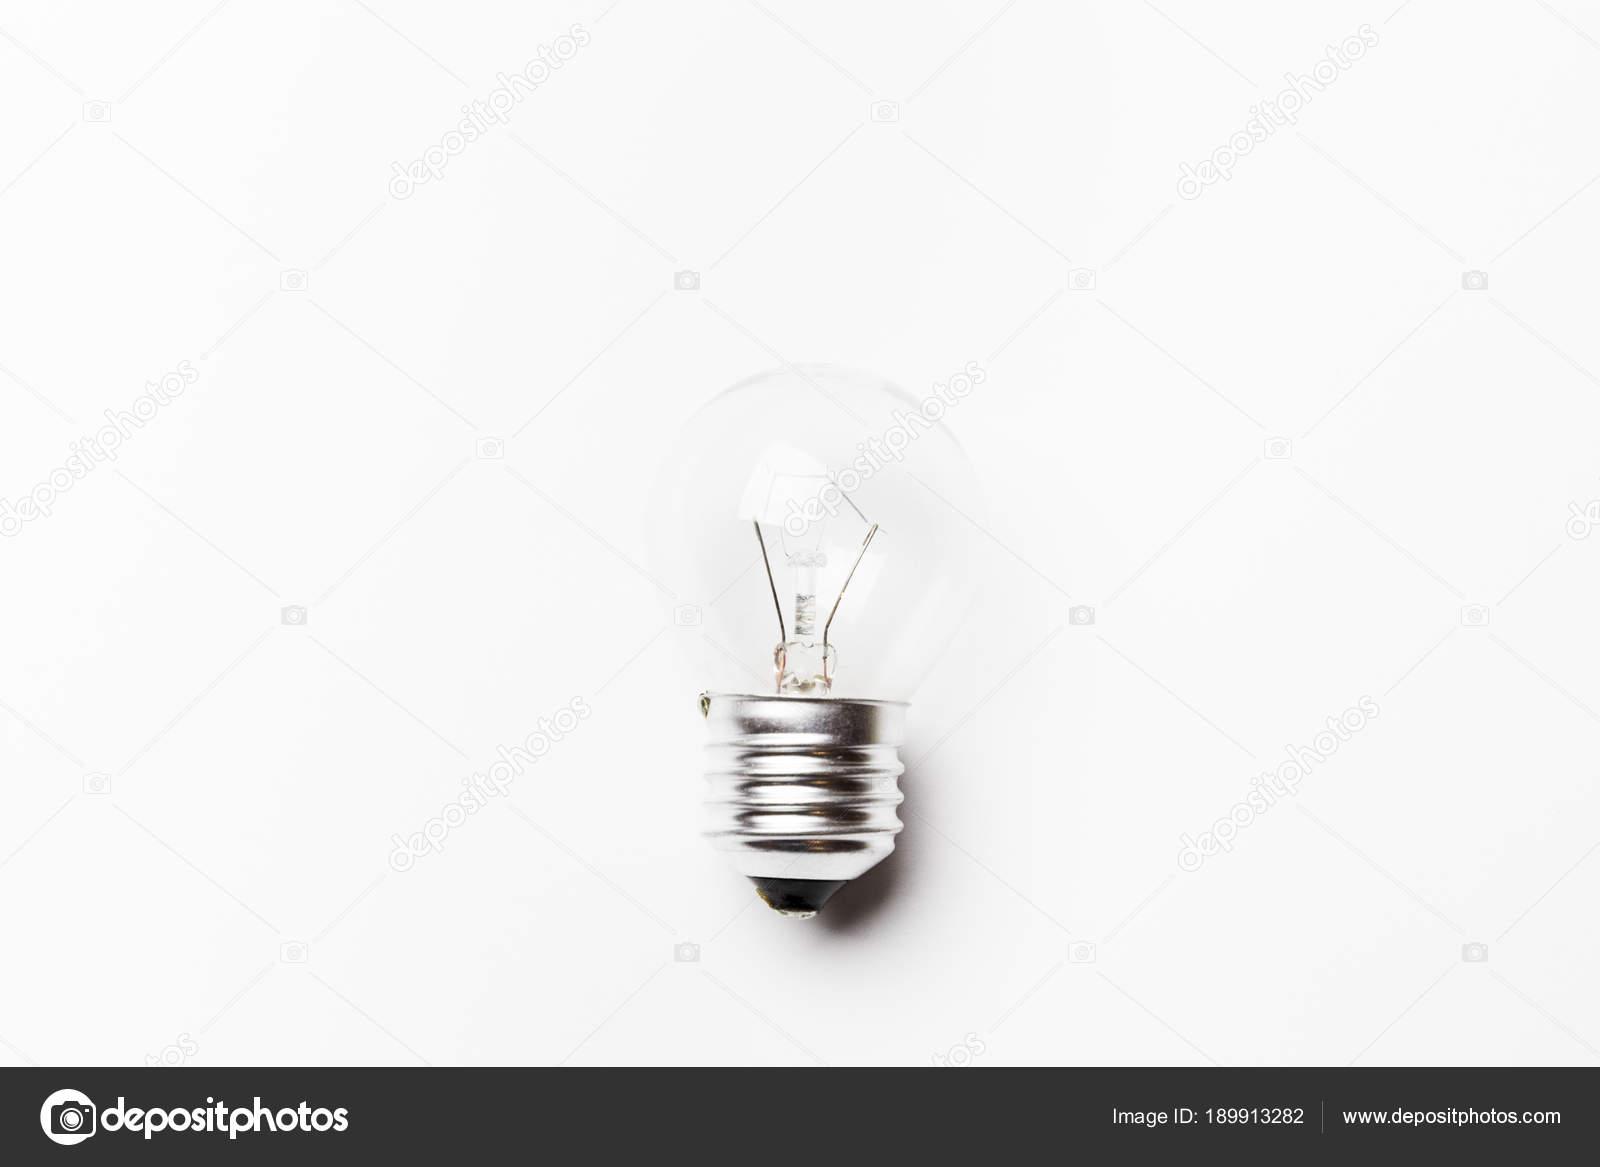 Lampada ad incandescenza attraverso un diodo. Sulla fornitura di lampadine elettriche attraverso un diodo 69